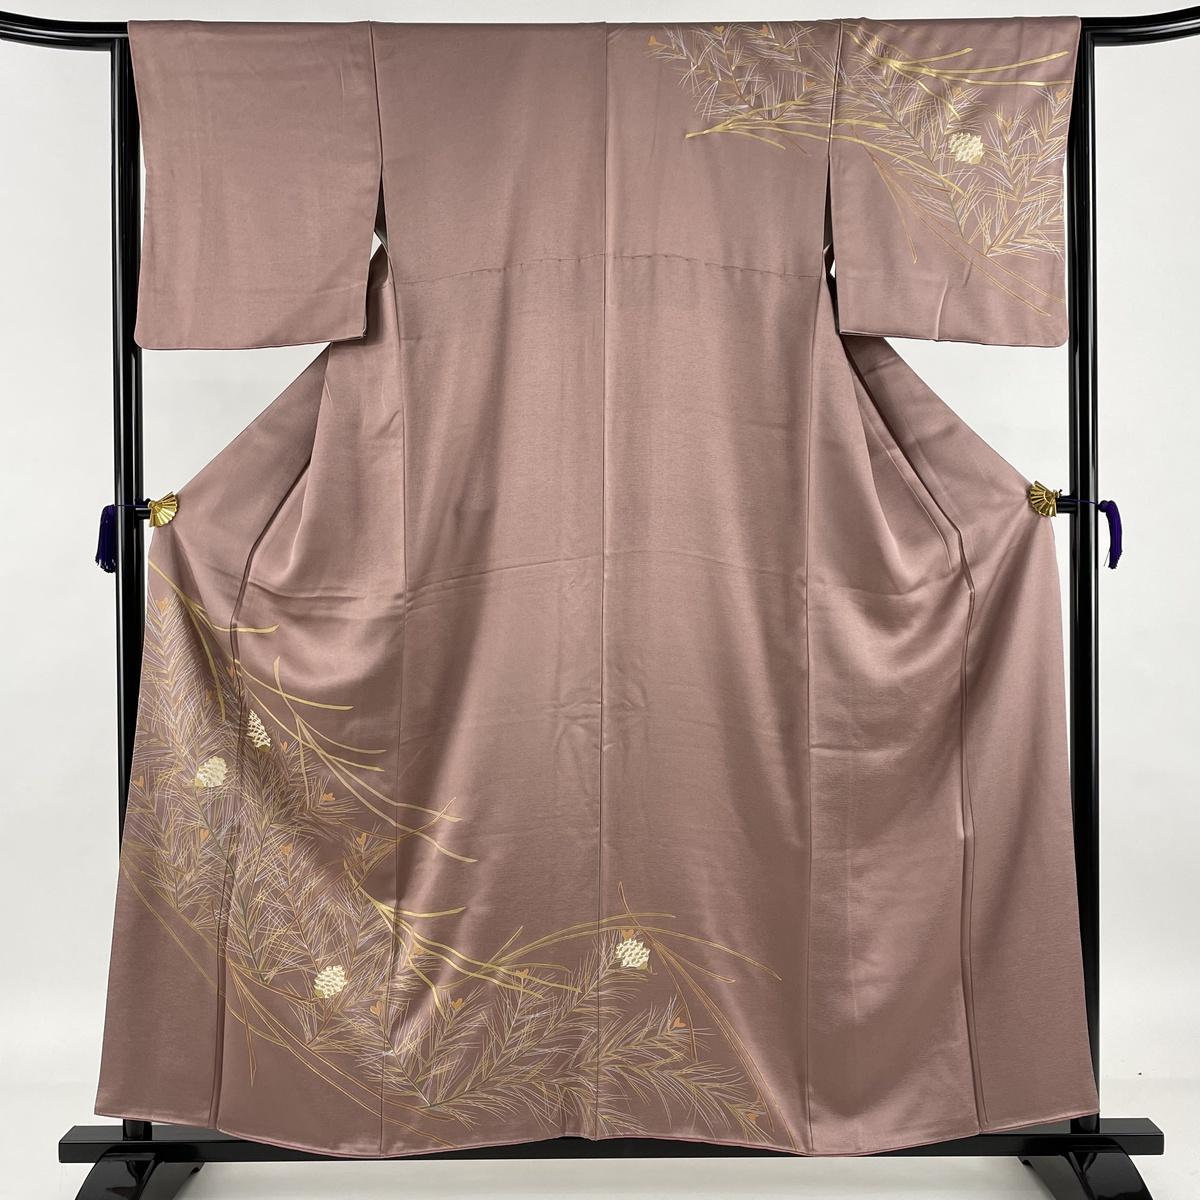 ランクA 着物 リサイクル 送料無料 訪問着 美品 秀品 若松 まつぼっくり 金彩 中古 159cm 紫 入荷予定 正絹 袷 S 63.5cm 1着でも送料無料